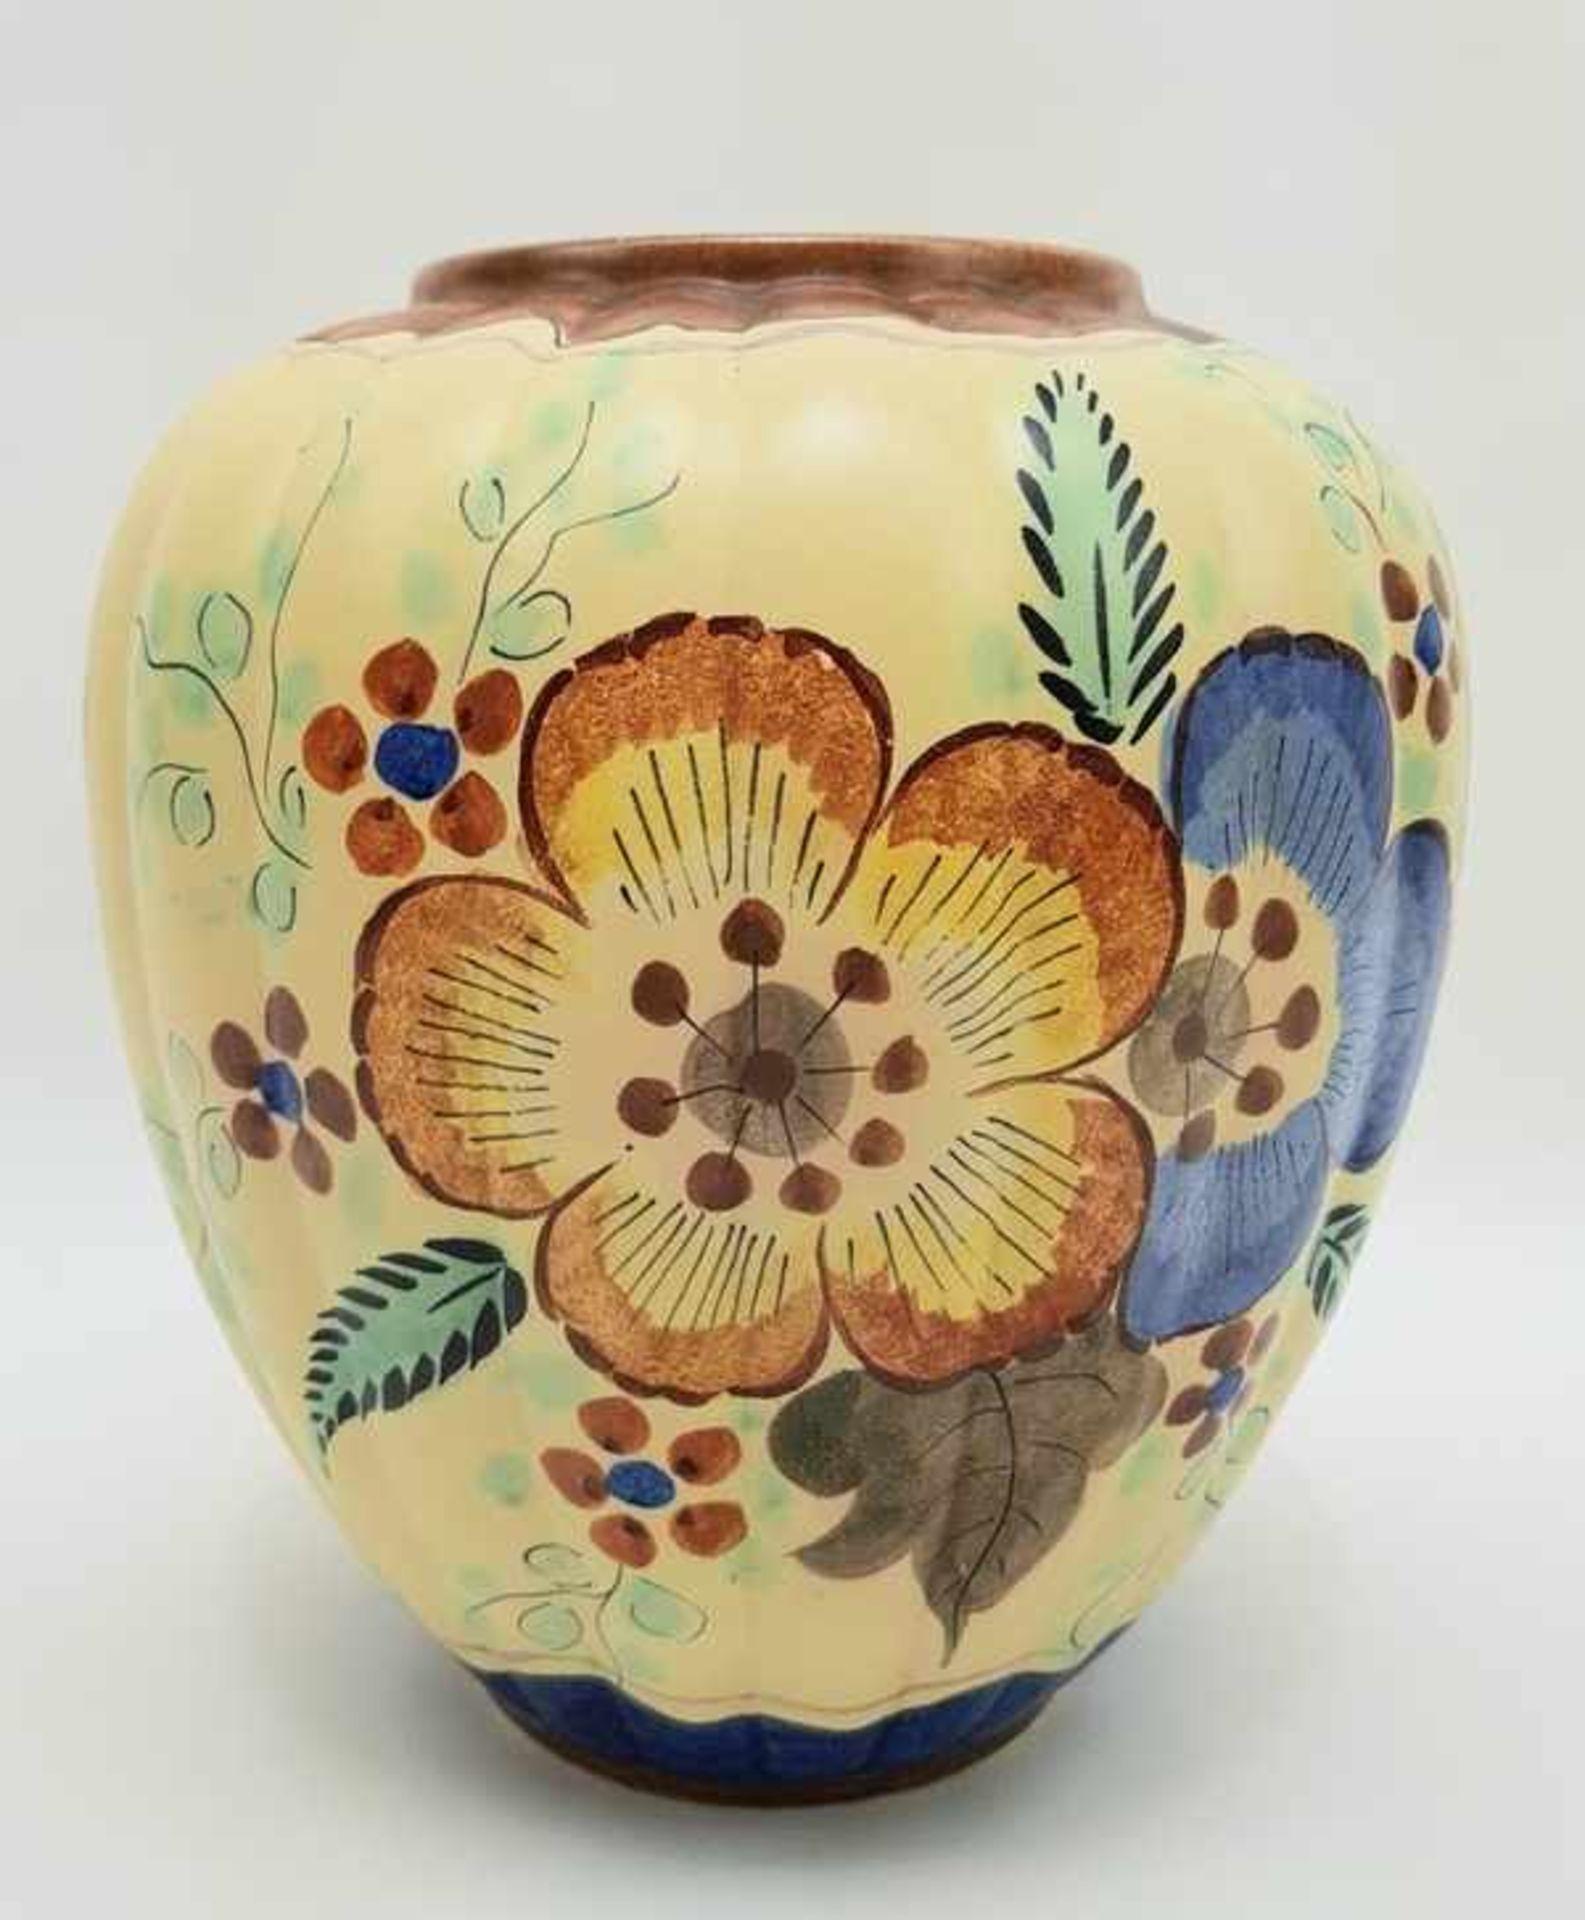 Los 181 - (Toegepaste kunst) Handgeschilderde vaas